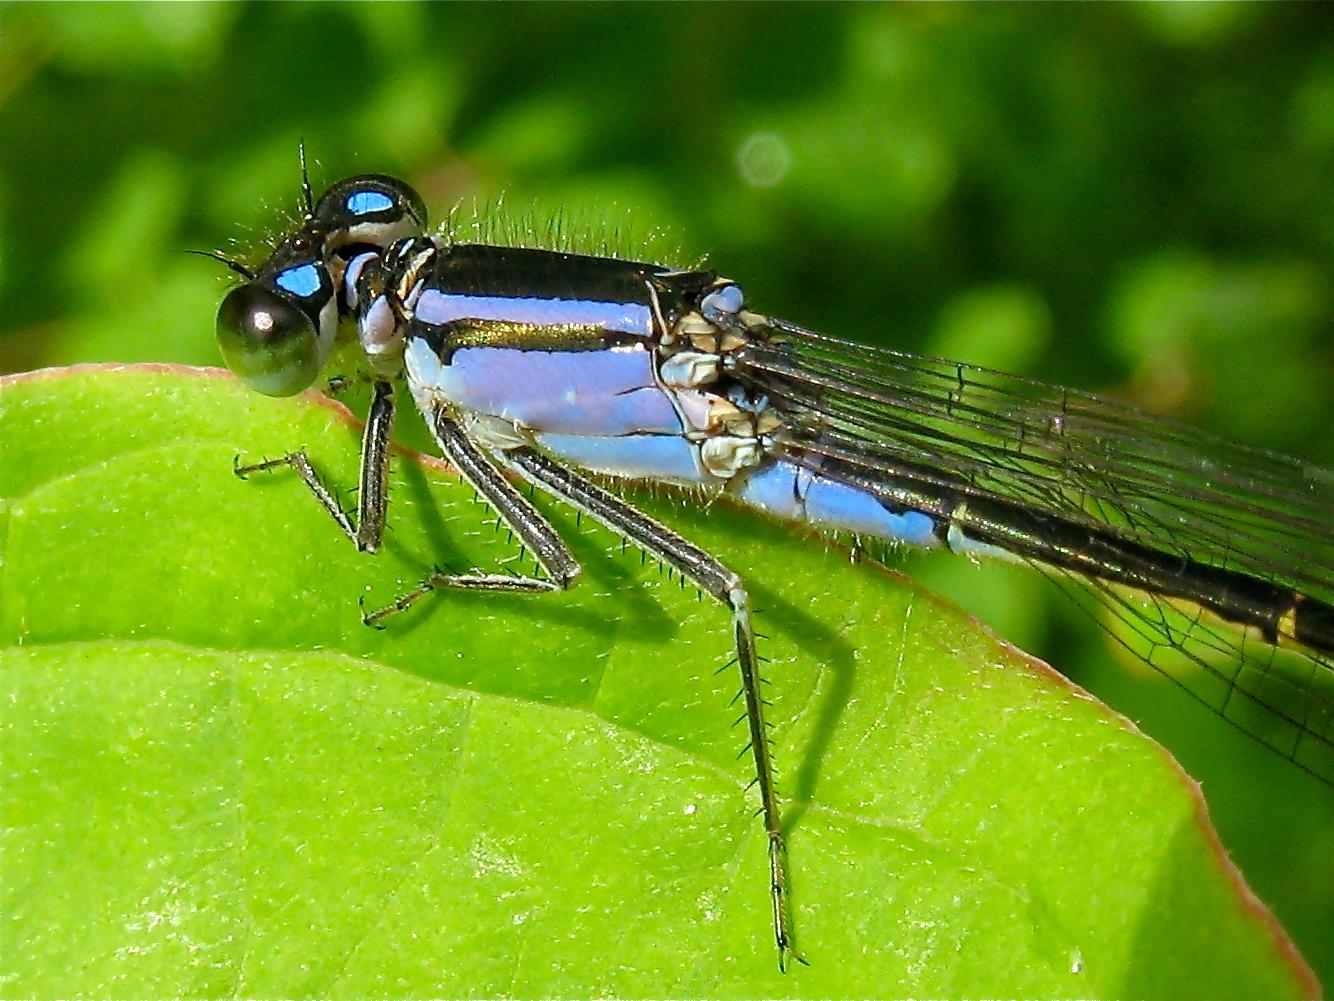 Violette Form des Weibchens der Großen Pechlibelle (Ischnura elegans) . . .